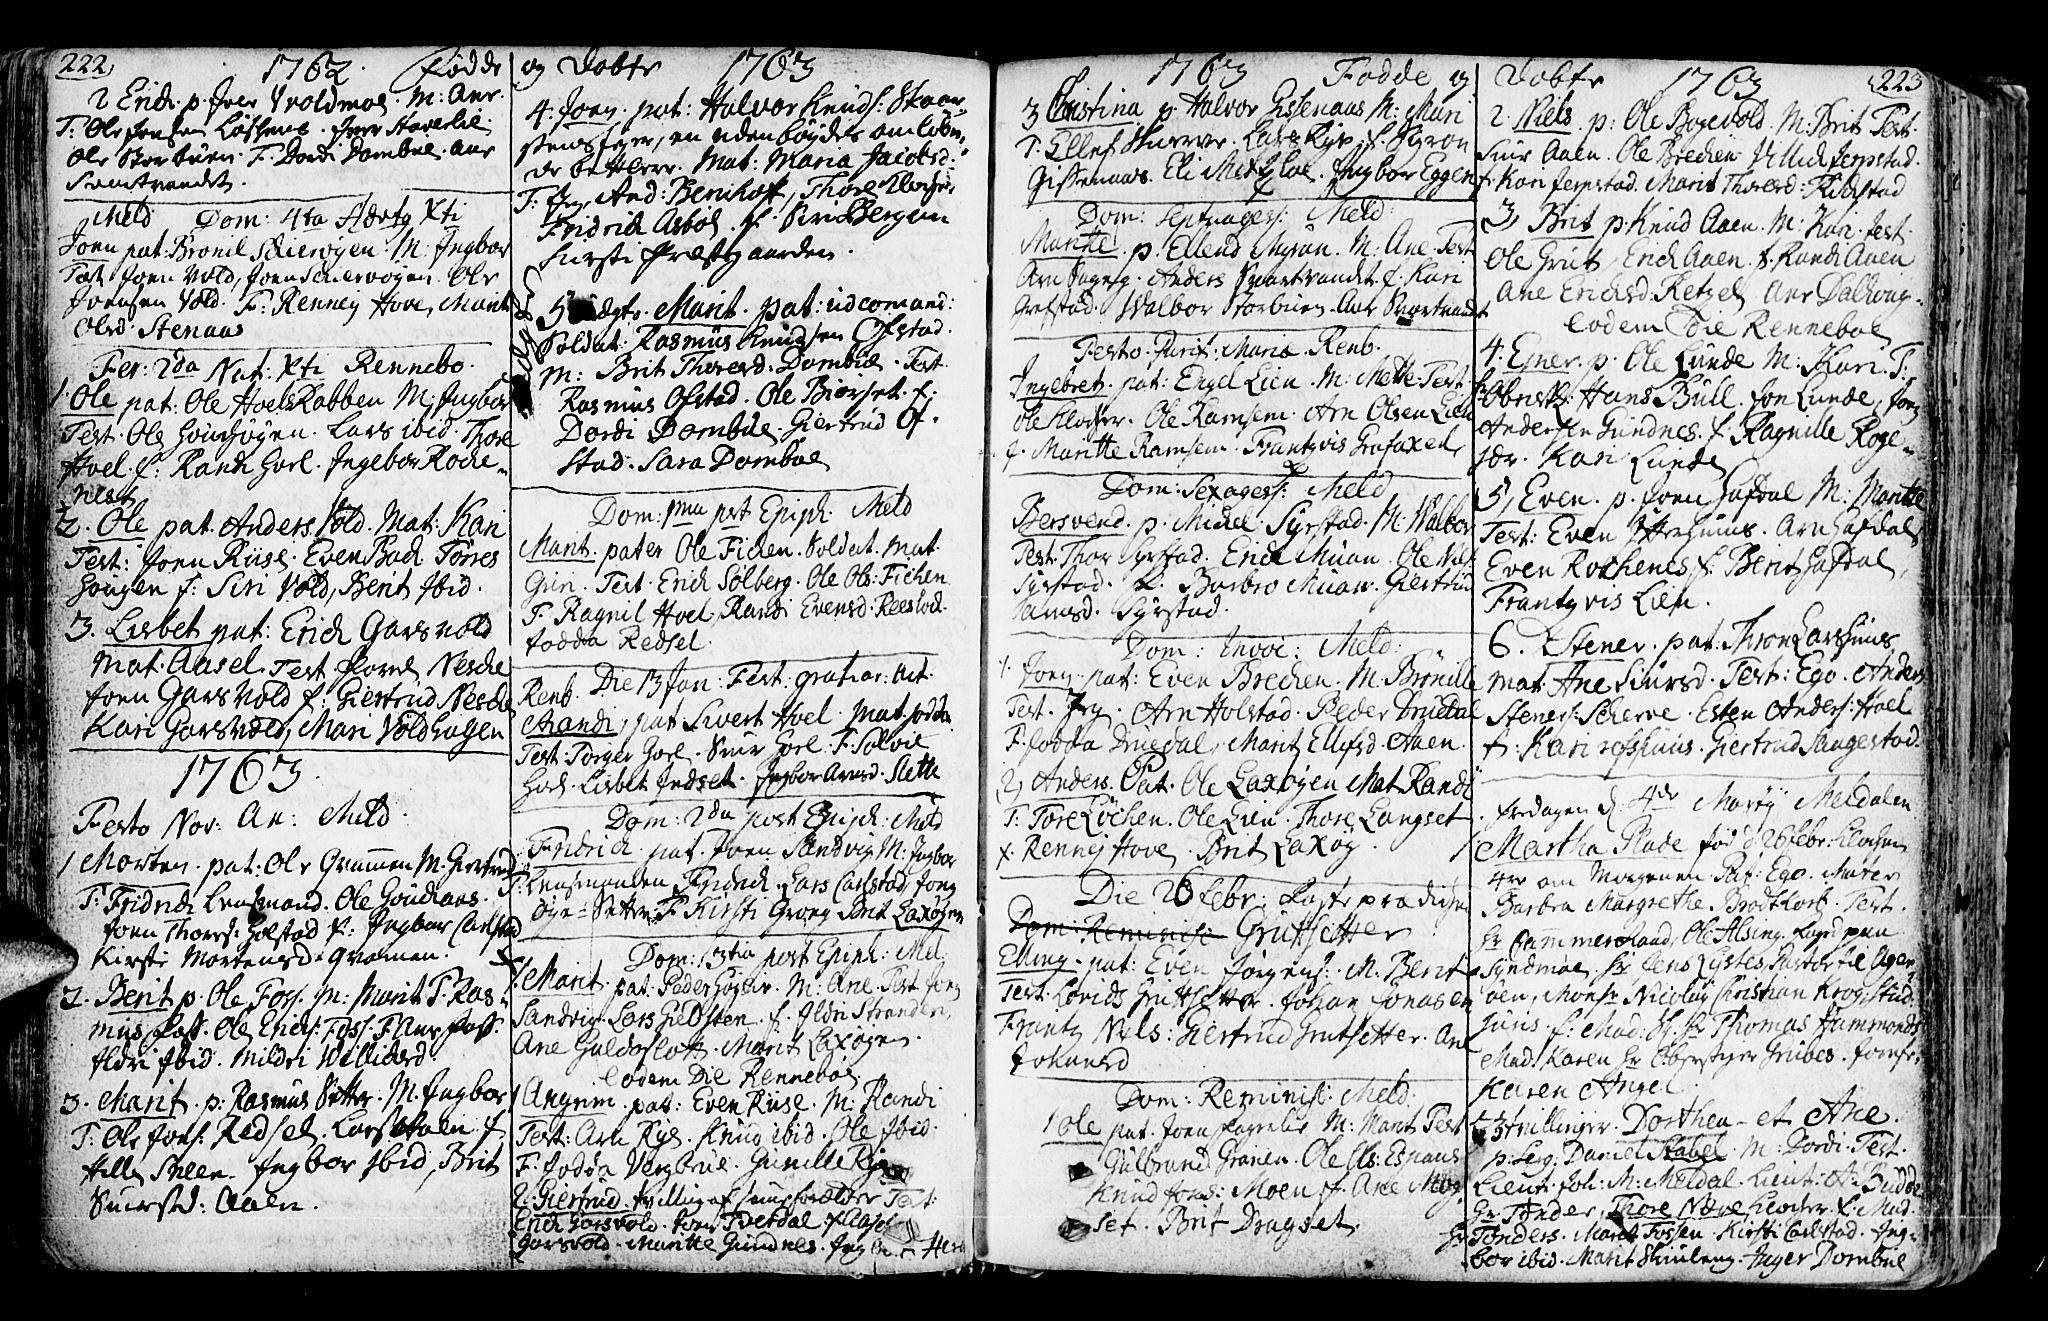 SAT, Ministerialprotokoller, klokkerbøker og fødselsregistre - Sør-Trøndelag, 672/L0851: Ministerialbok nr. 672A04, 1751-1775, s. 222-223